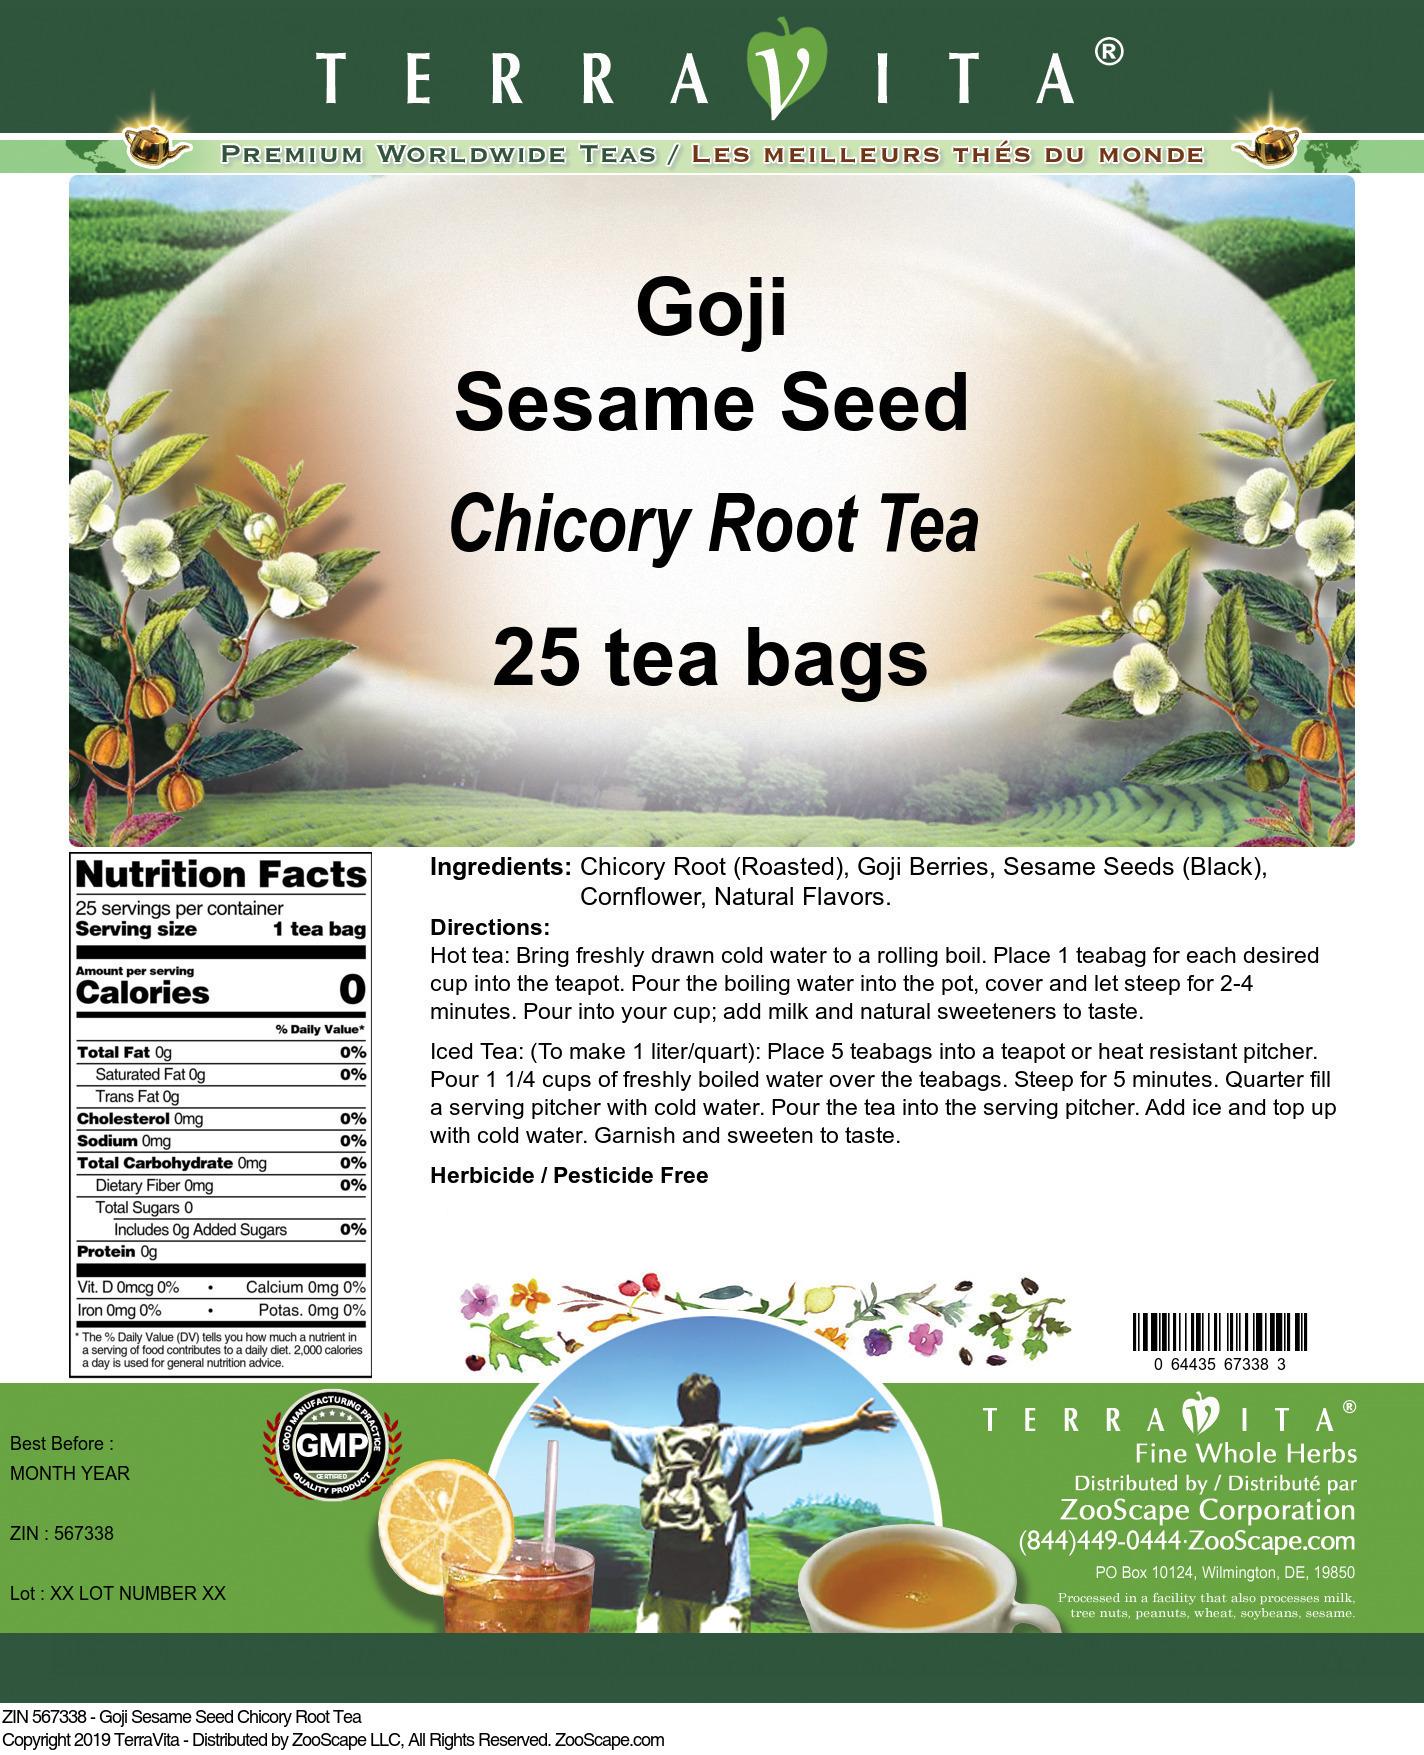 Goji Sesame Seed Chicory Root Tea